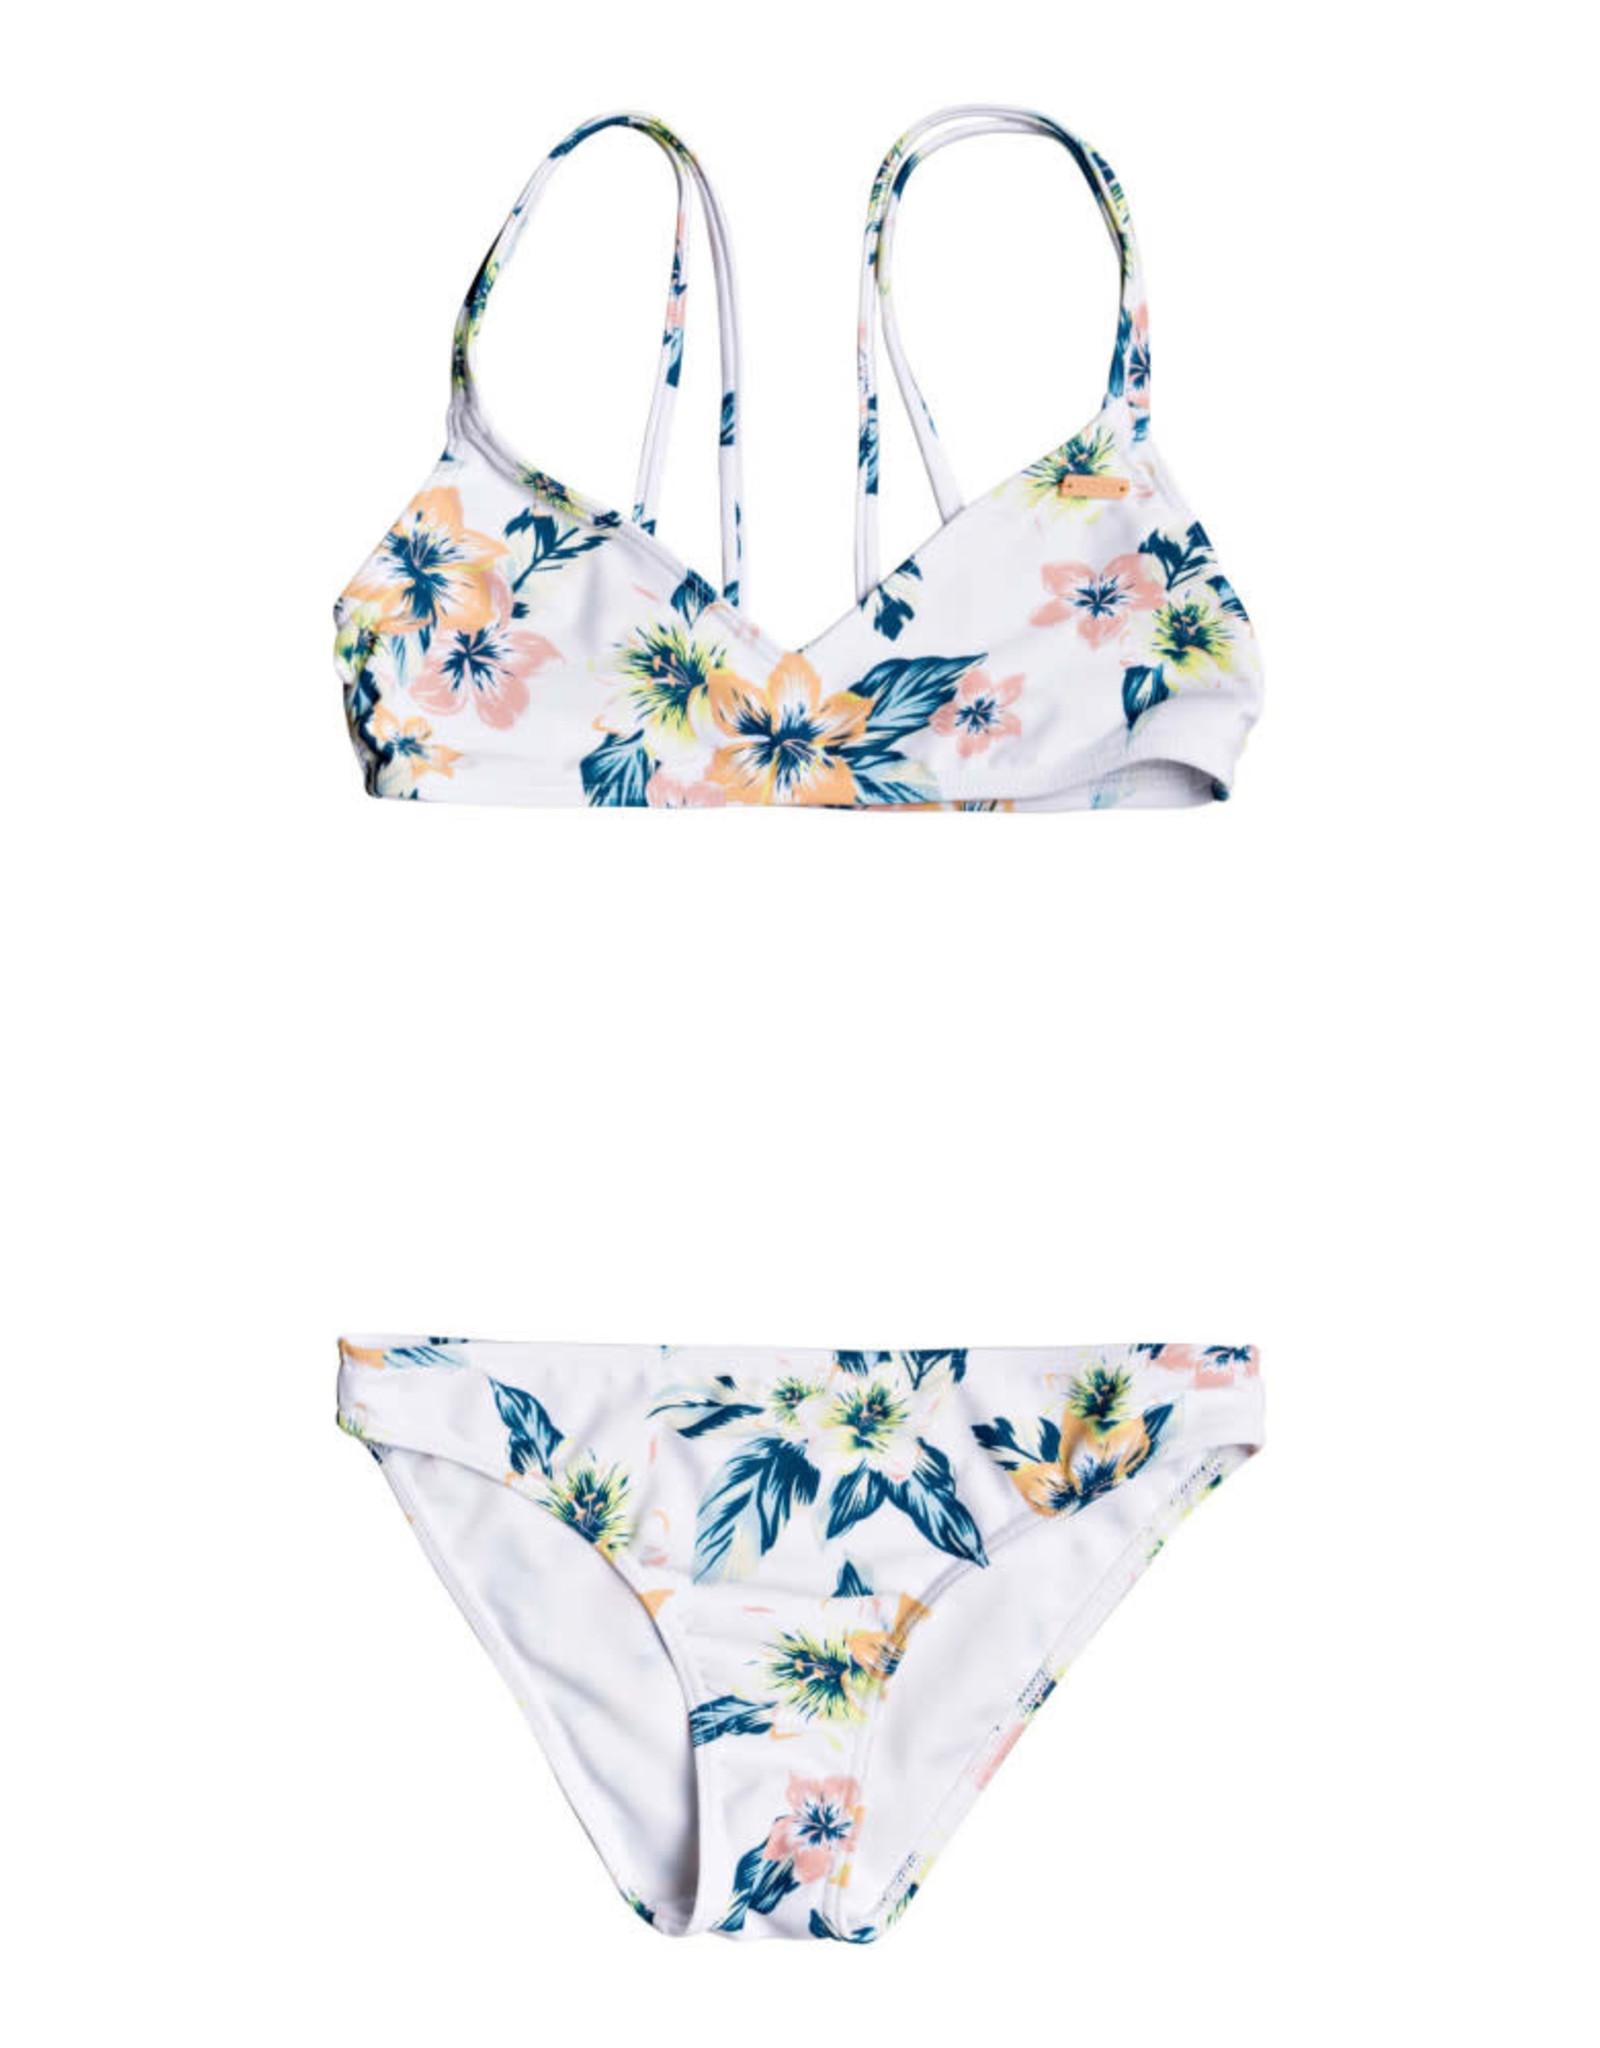 ROXY Girls Pinky Skies Athletic Bikini Set - Size 8